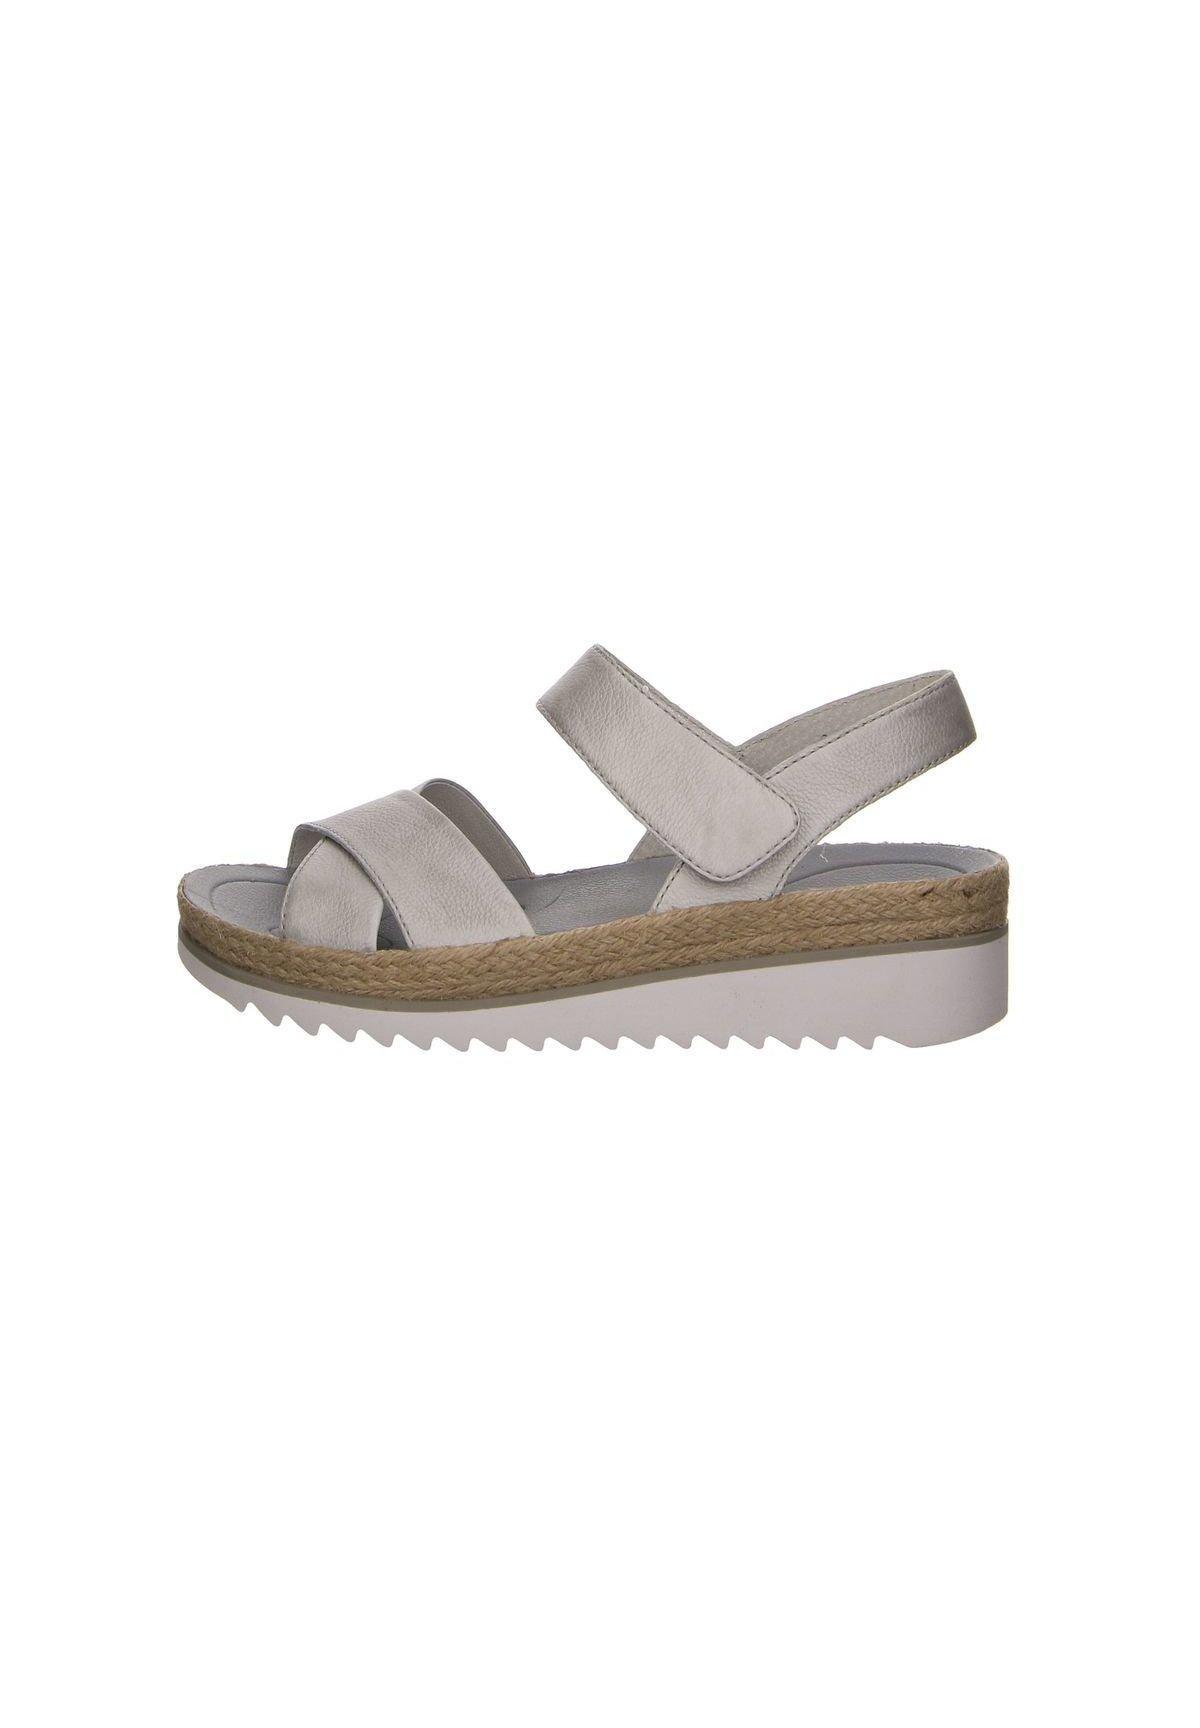 Graue Keilsandaletten | Das Upgrade für deine Füße bei ZALANDO